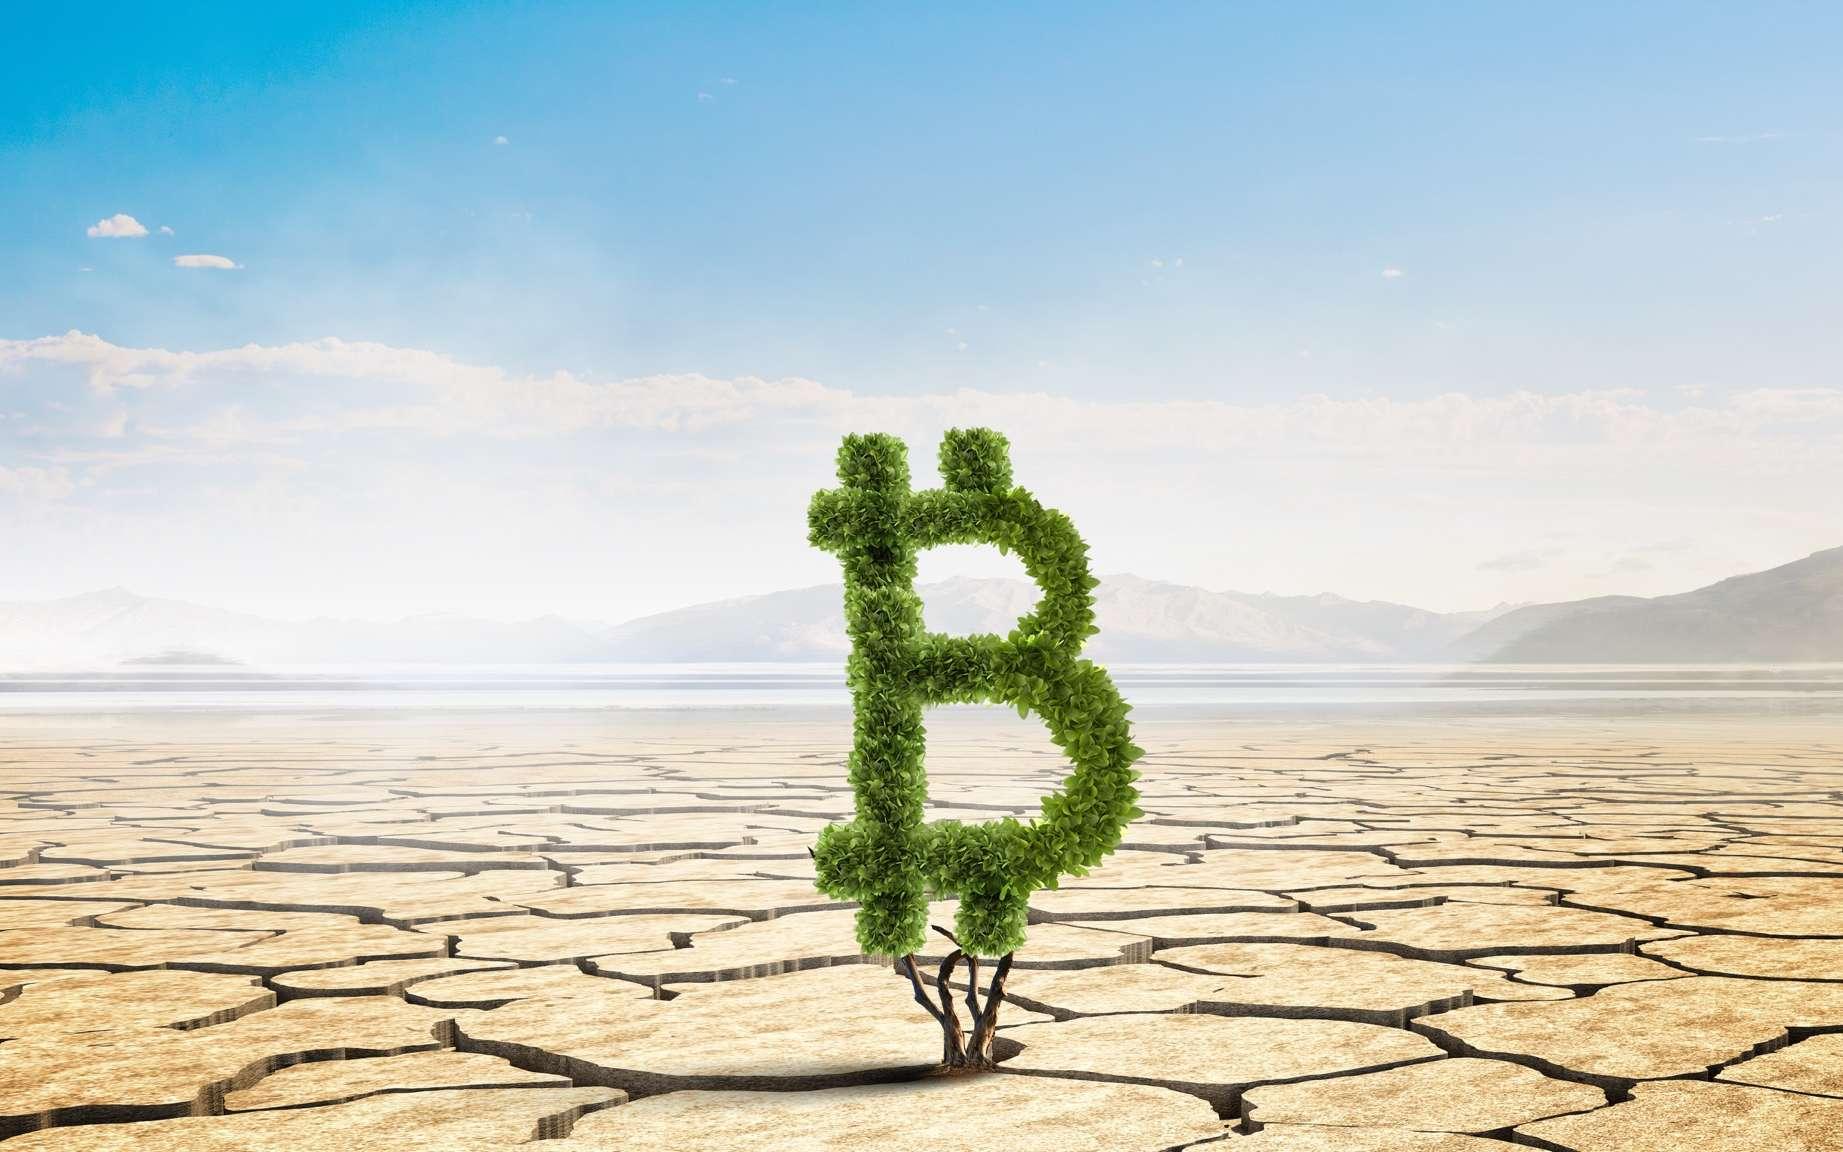 Le bitcoin consommerait 10 fois plus d'électricité que le géant Google. © Sergey Nivens, Adobe Stock